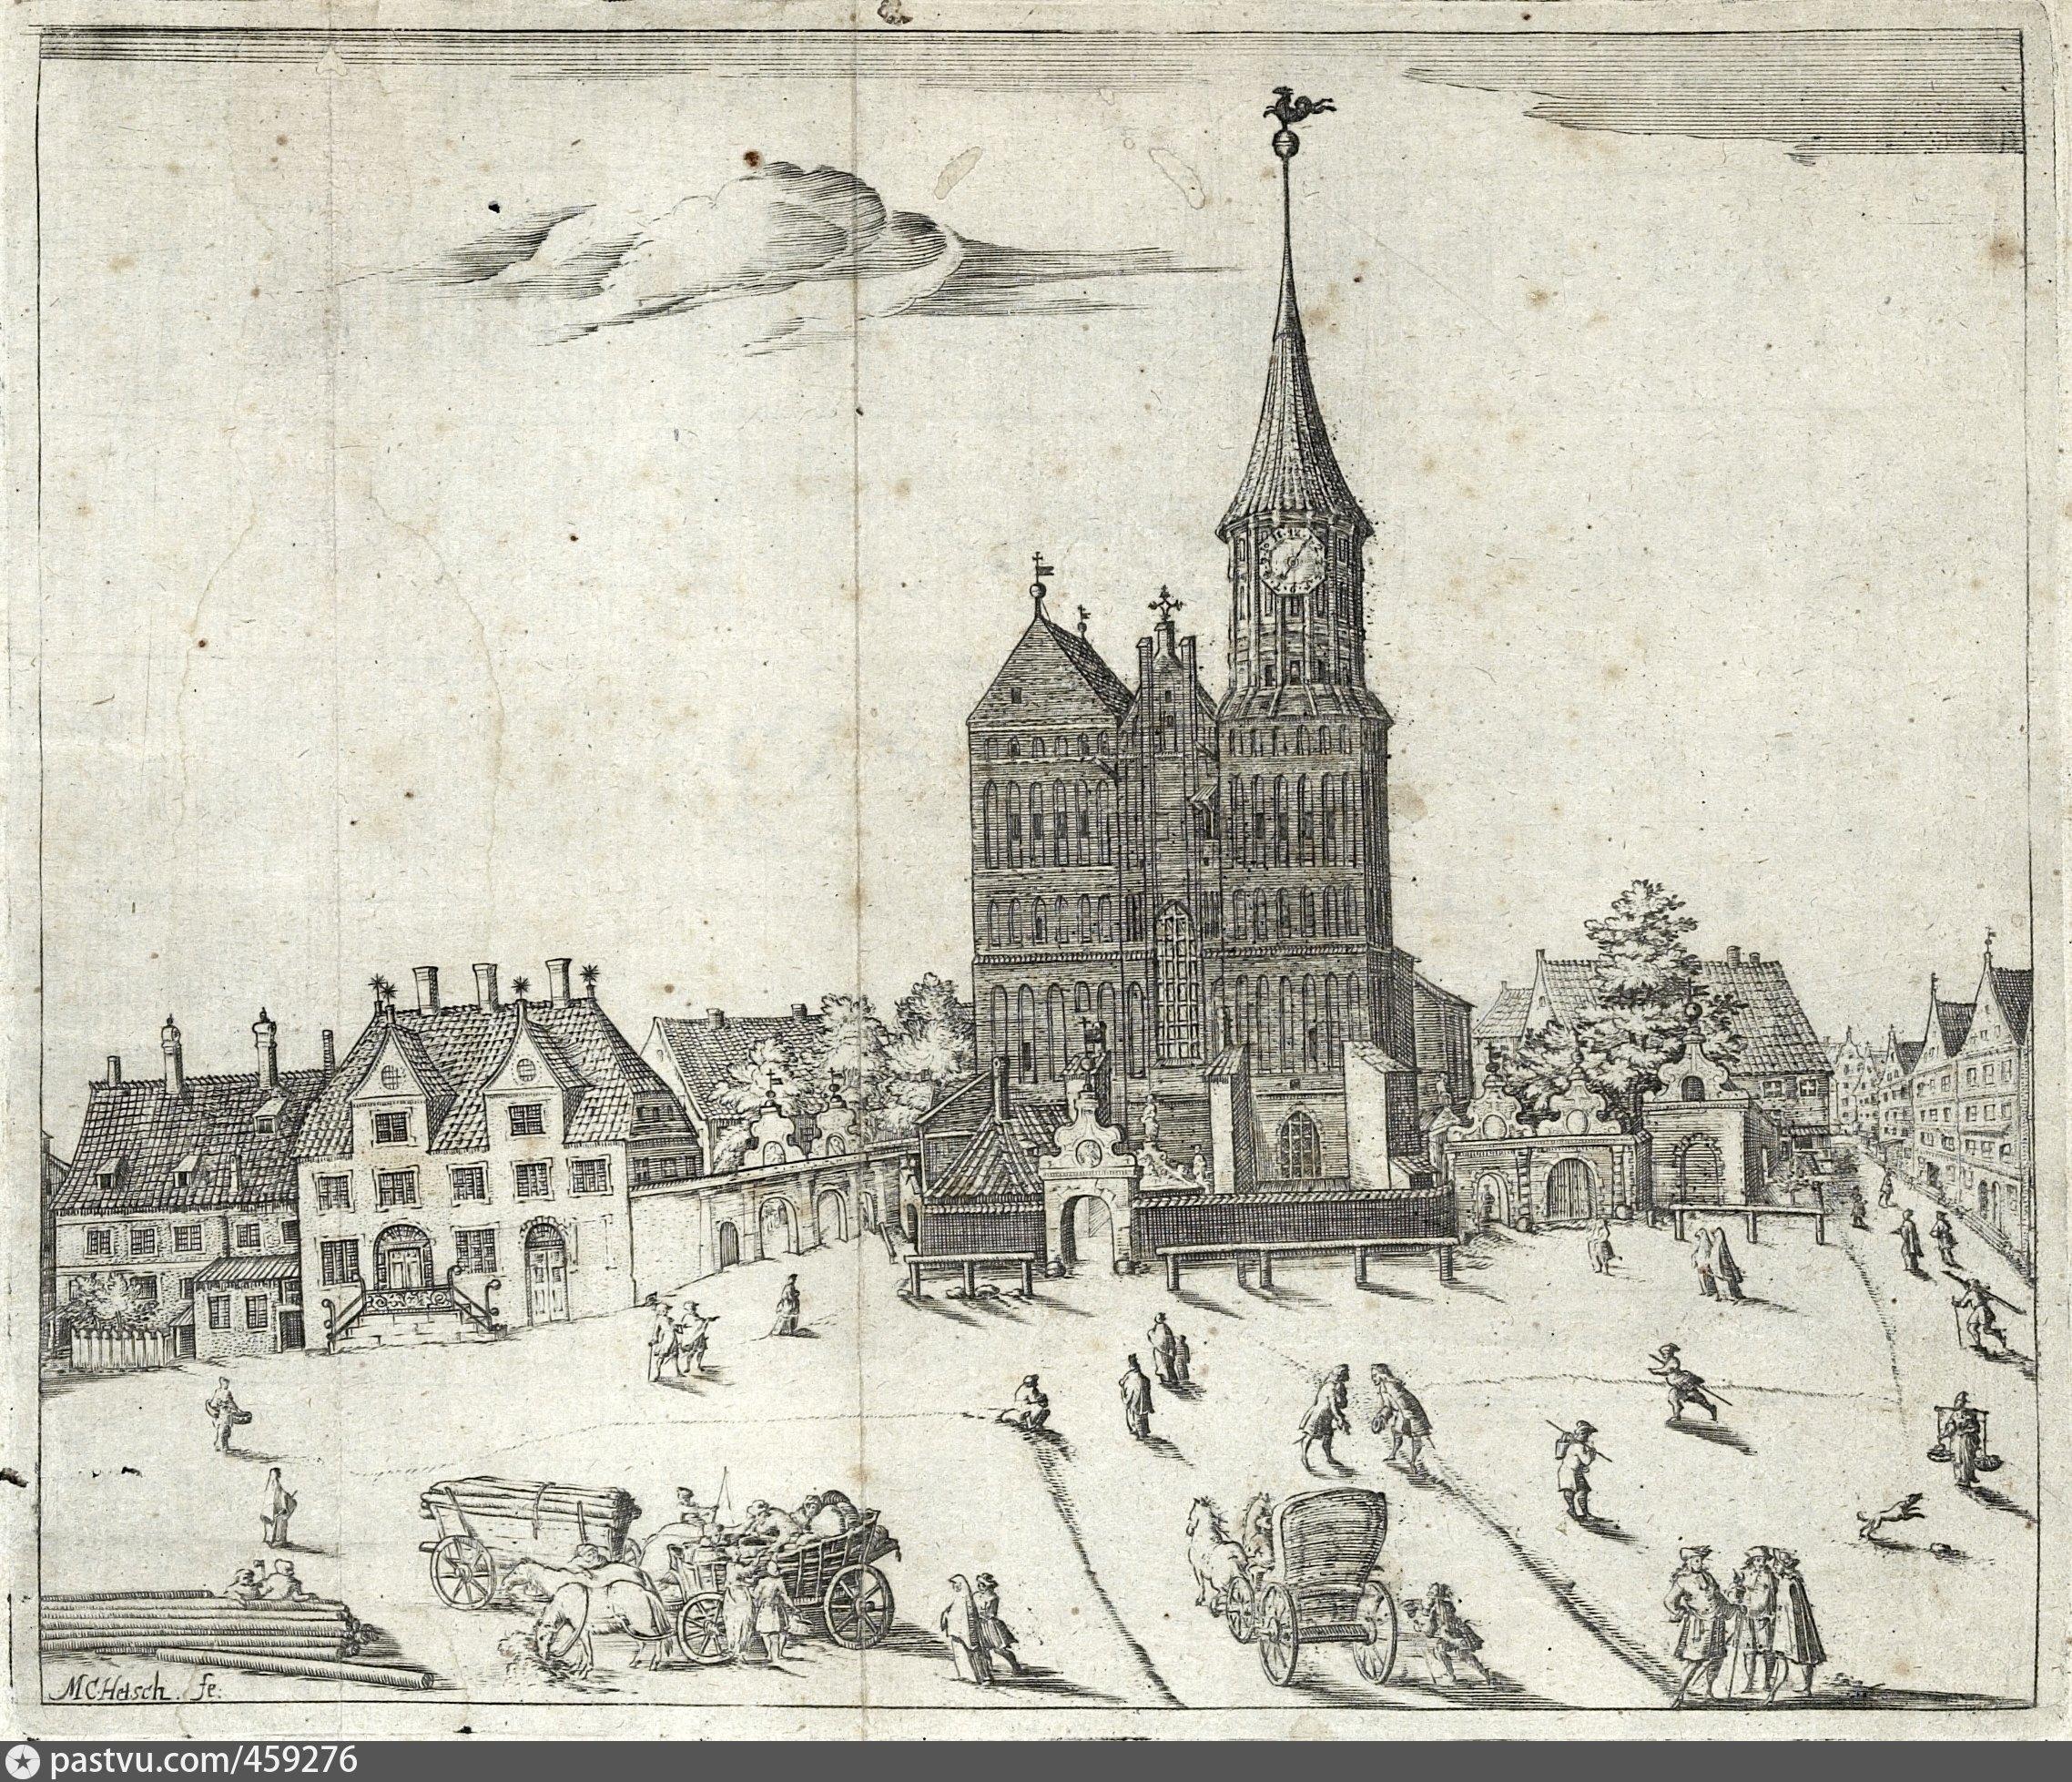 Кафедральный собор на о. кнайпхоф и соборная площадь.